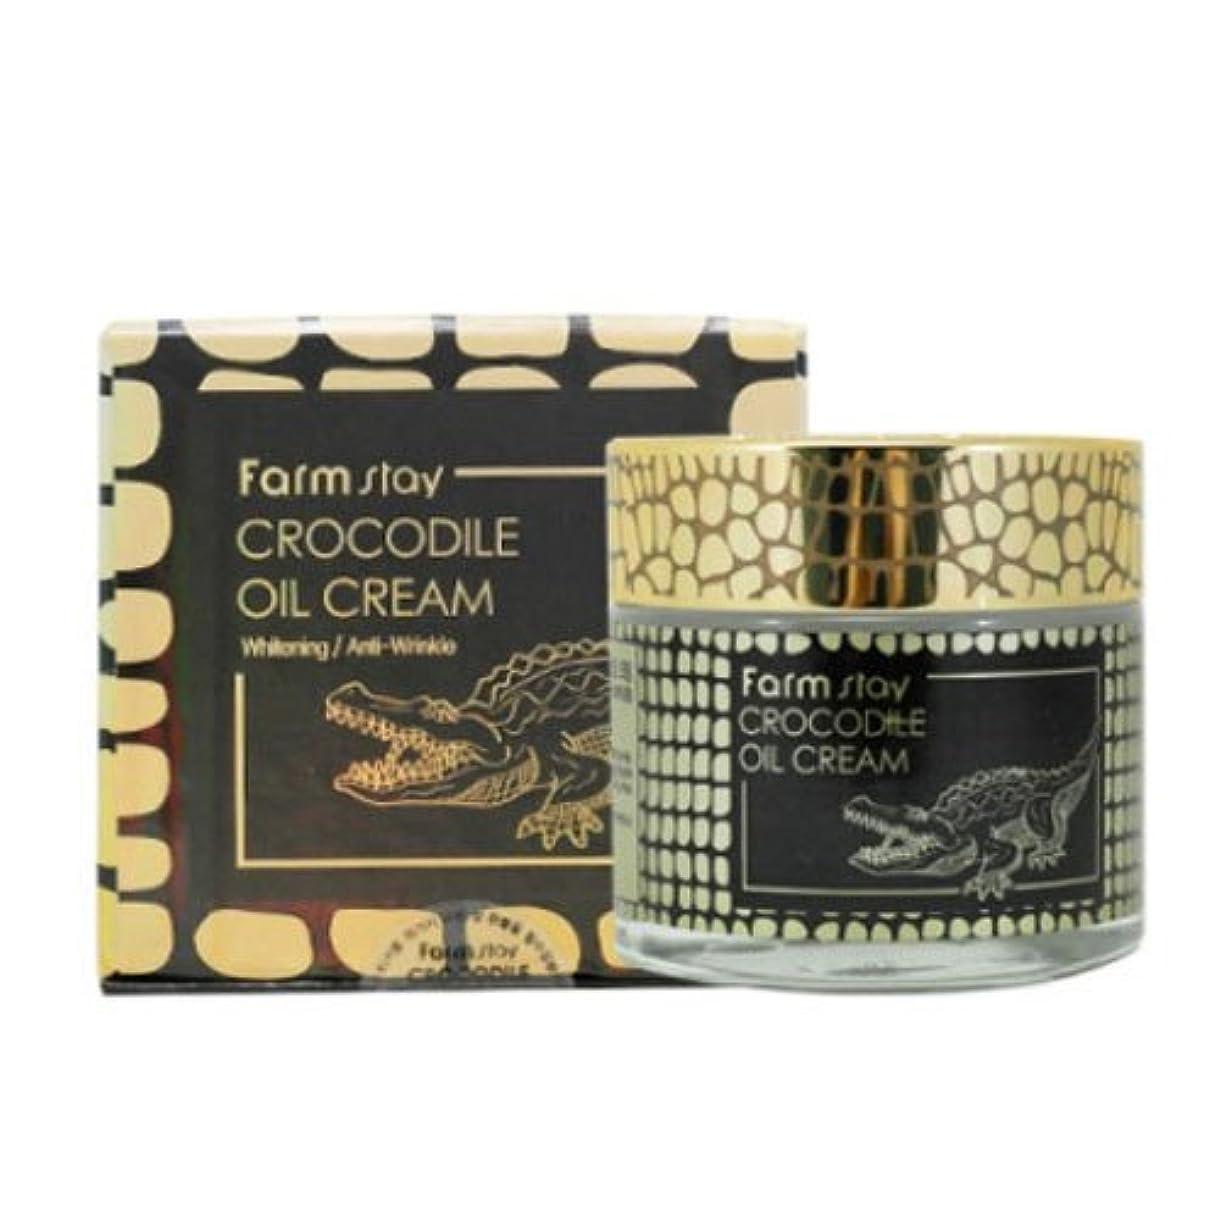 光大きいトレーダーファームステイ[韓国コスメFarm Stay]Crocodile Oil Cream ワニオイルクリーム70g しわ管理 美白[並行輸入品]